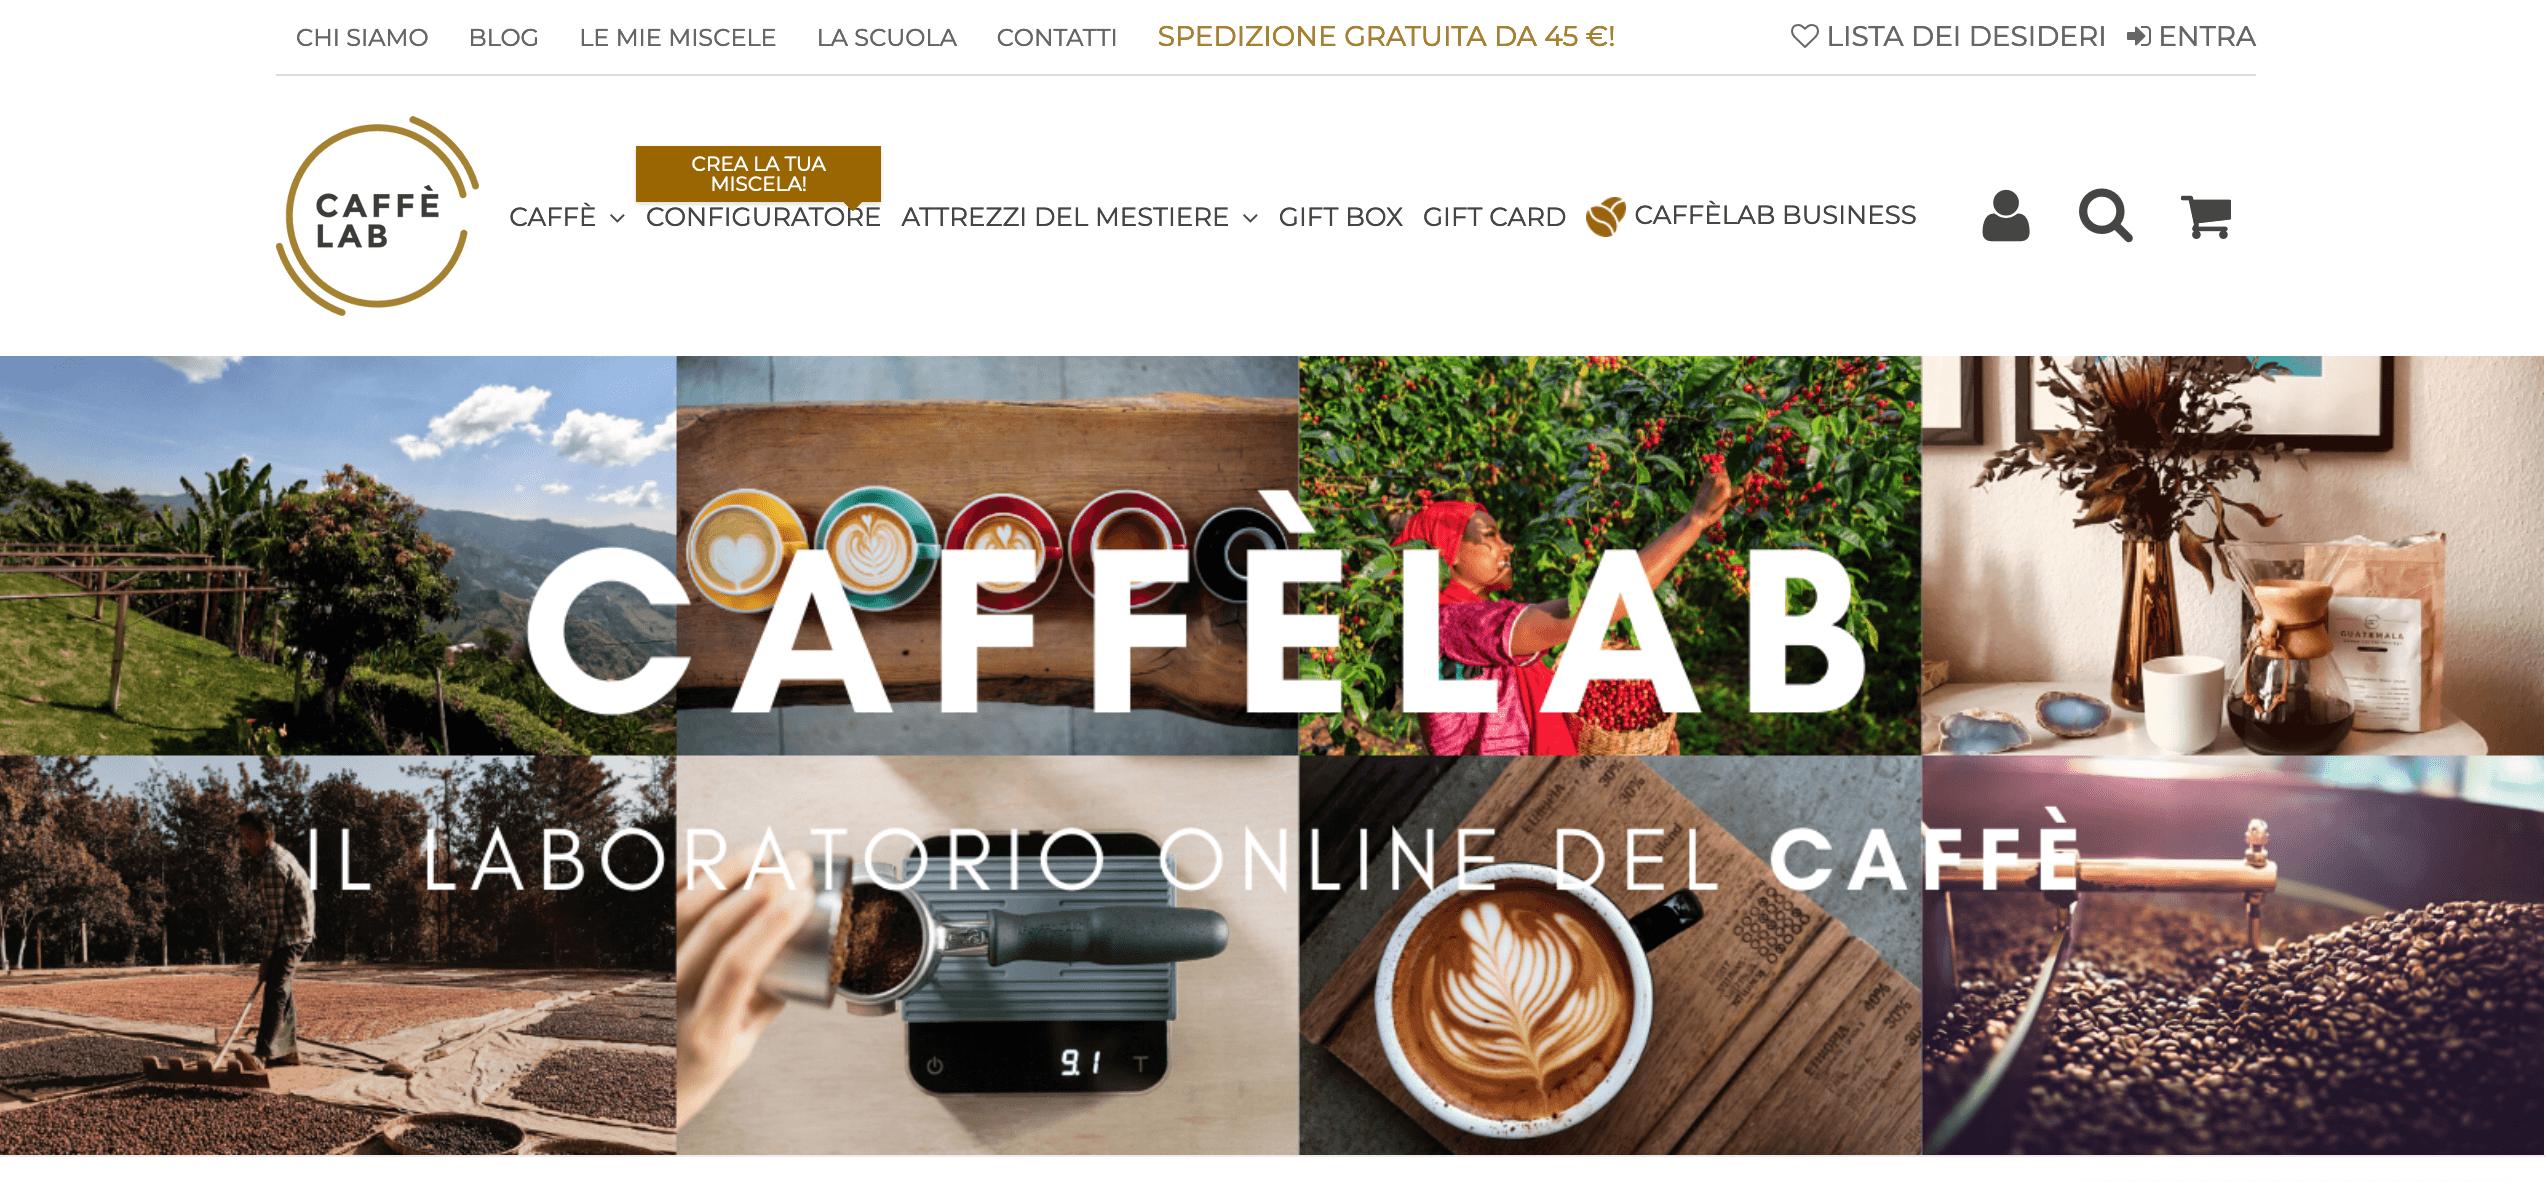 Ordina il tuo caffè preferito, comodamente da casa!